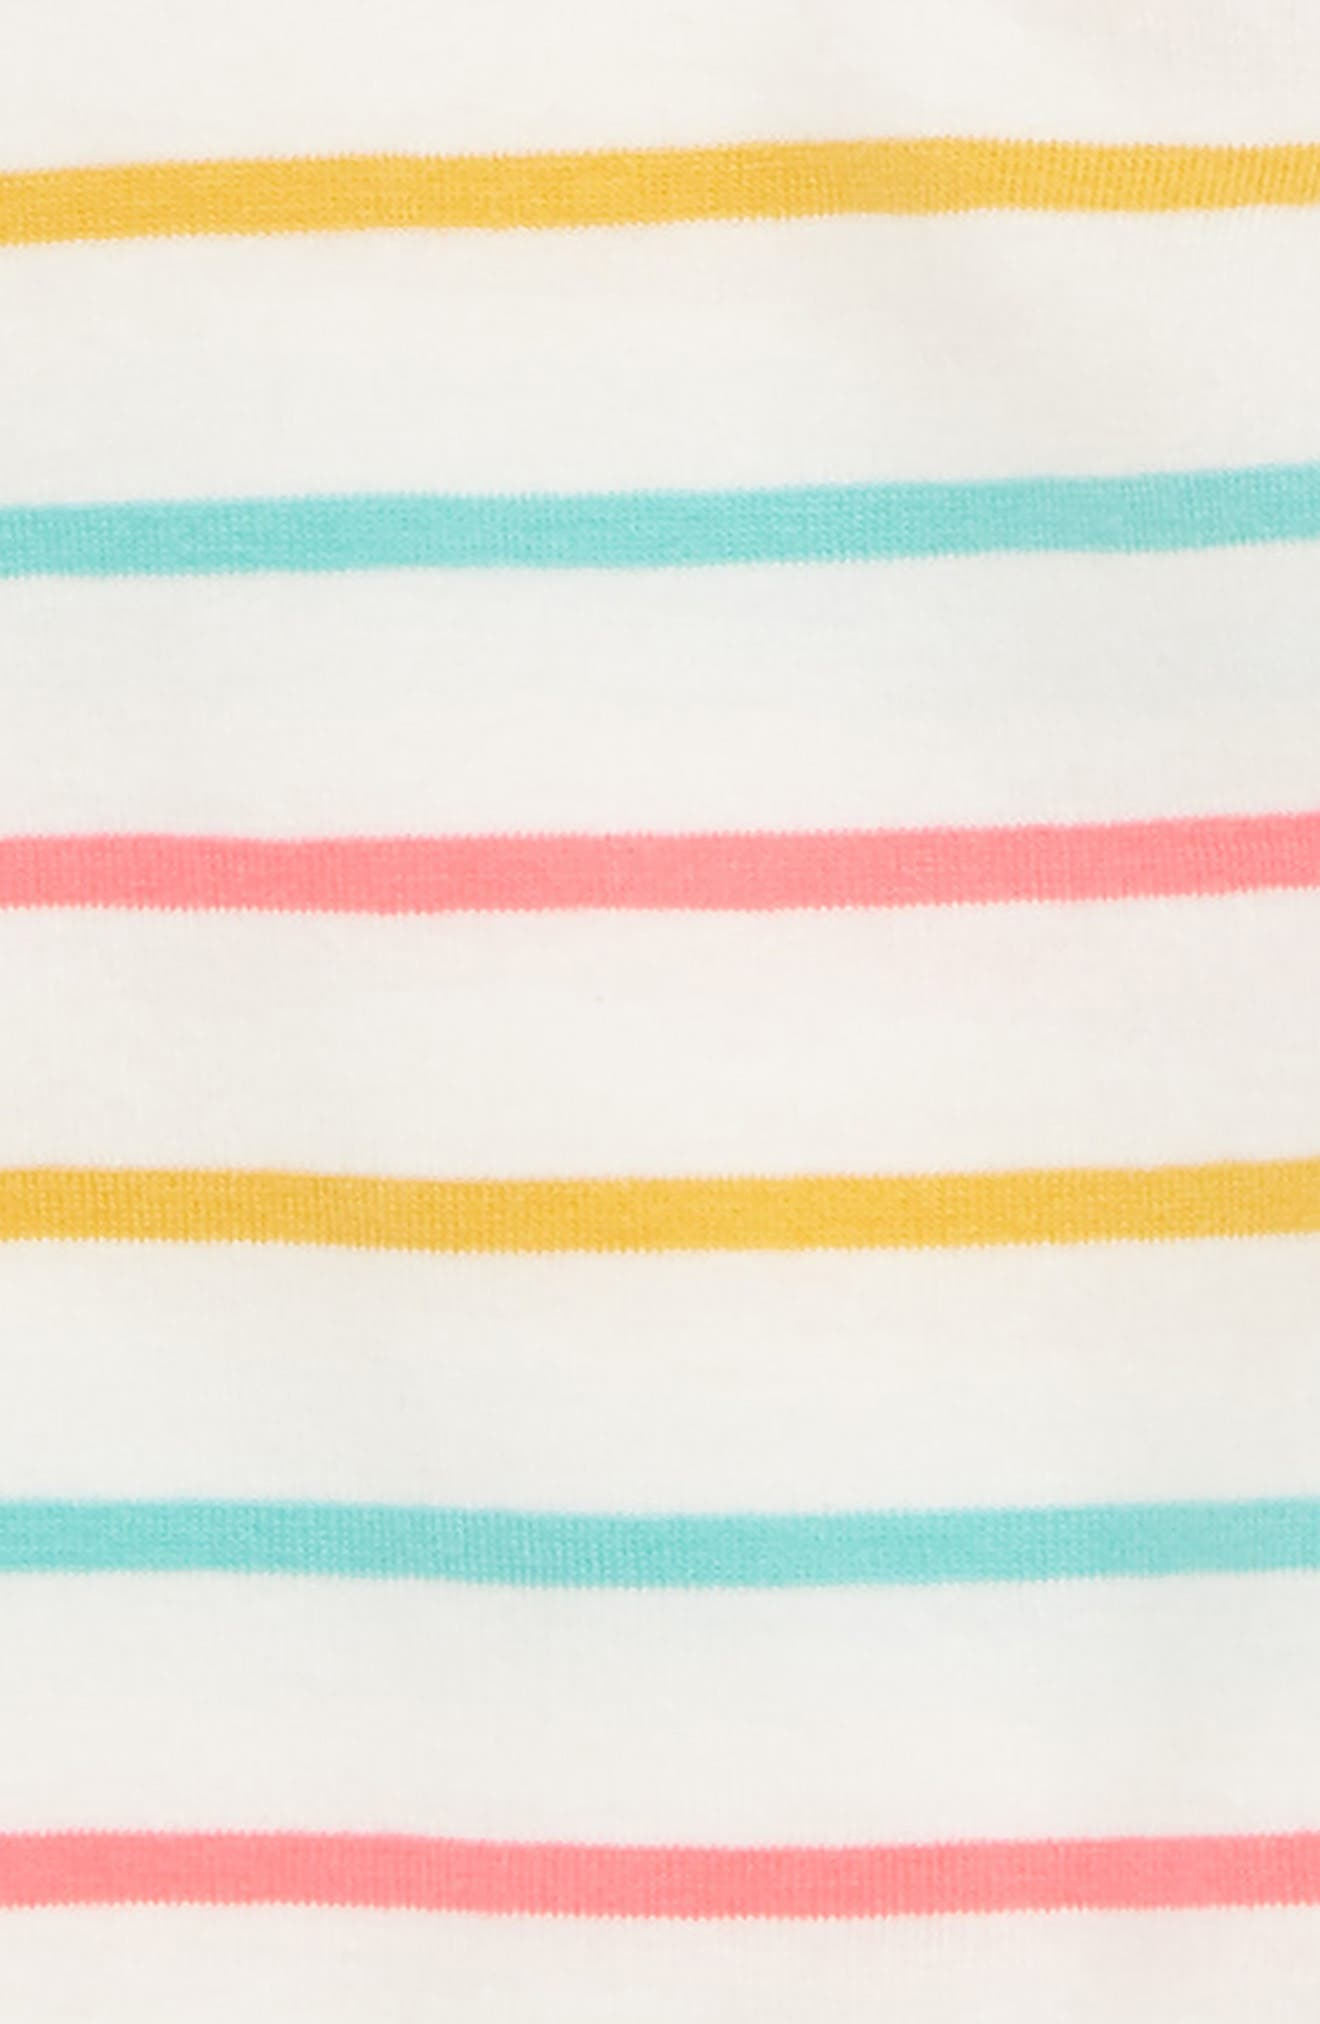 Stripe Leggings,                             Alternate thumbnail 2, color,                             Ivory Egret Multi Stripe